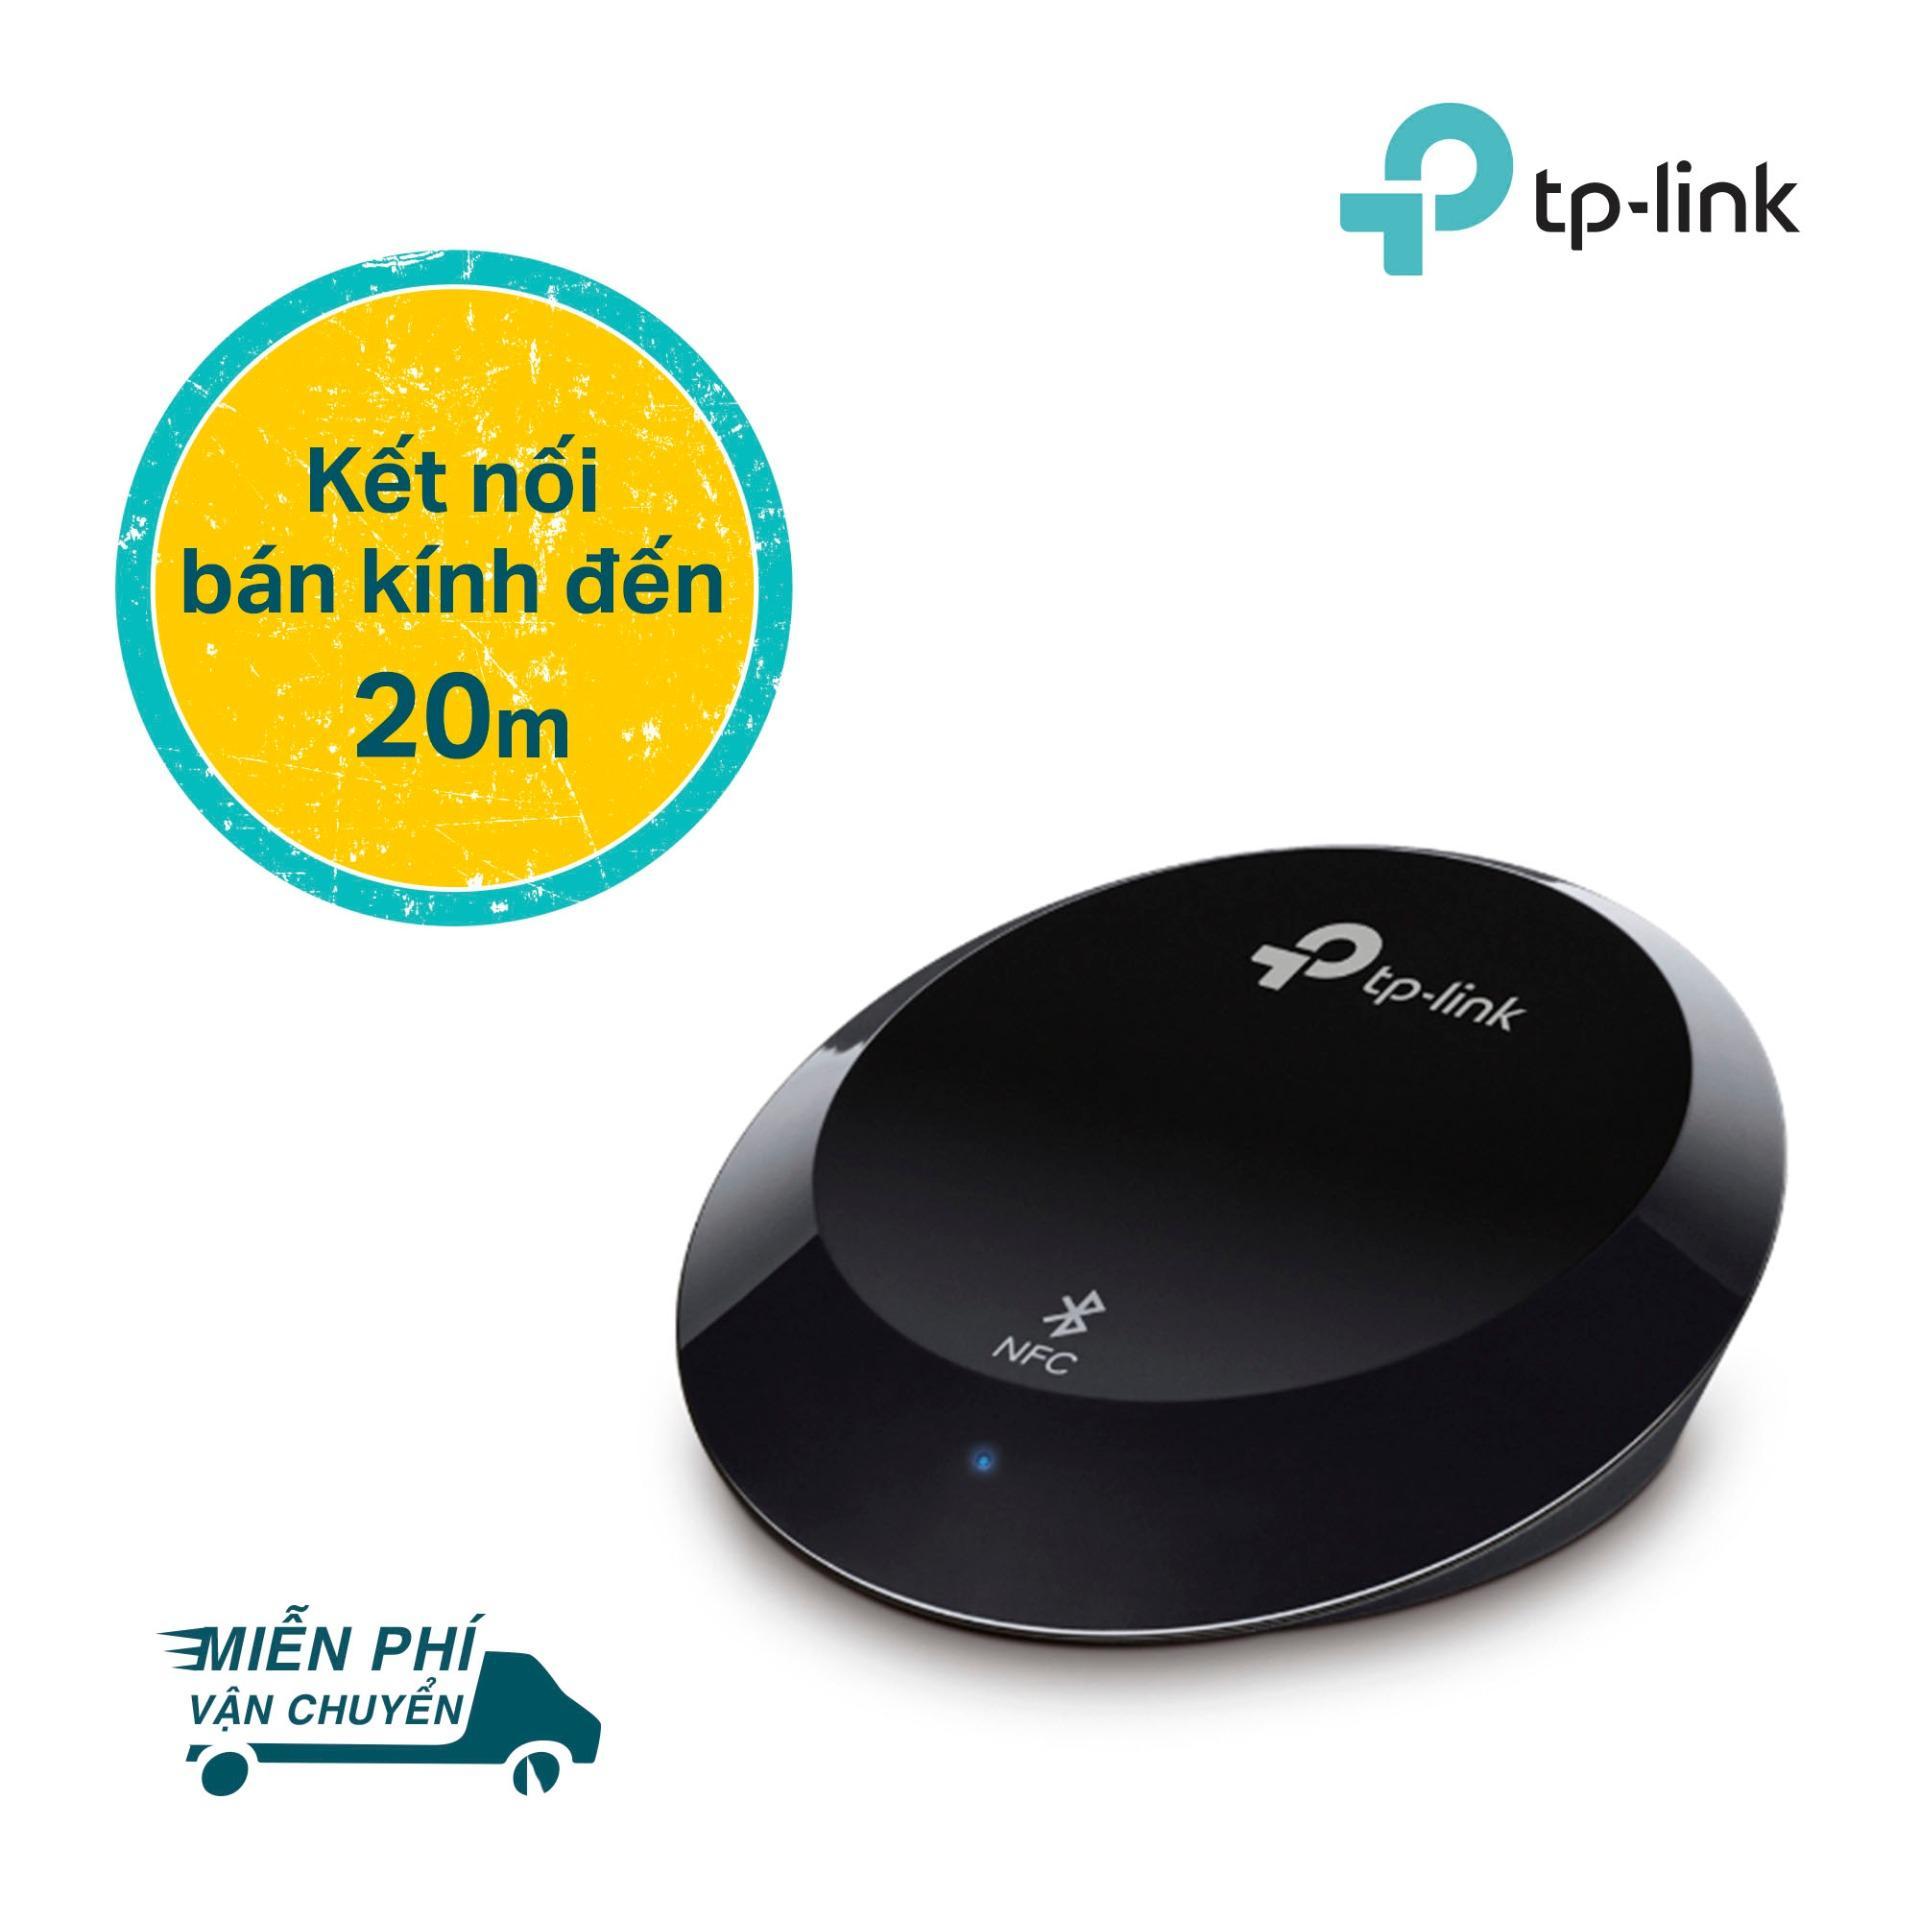 TP-Link Thiết bị Bluetooth 4.1 truyền tải nhạc - HA100 - Hãng phân phối chính thức